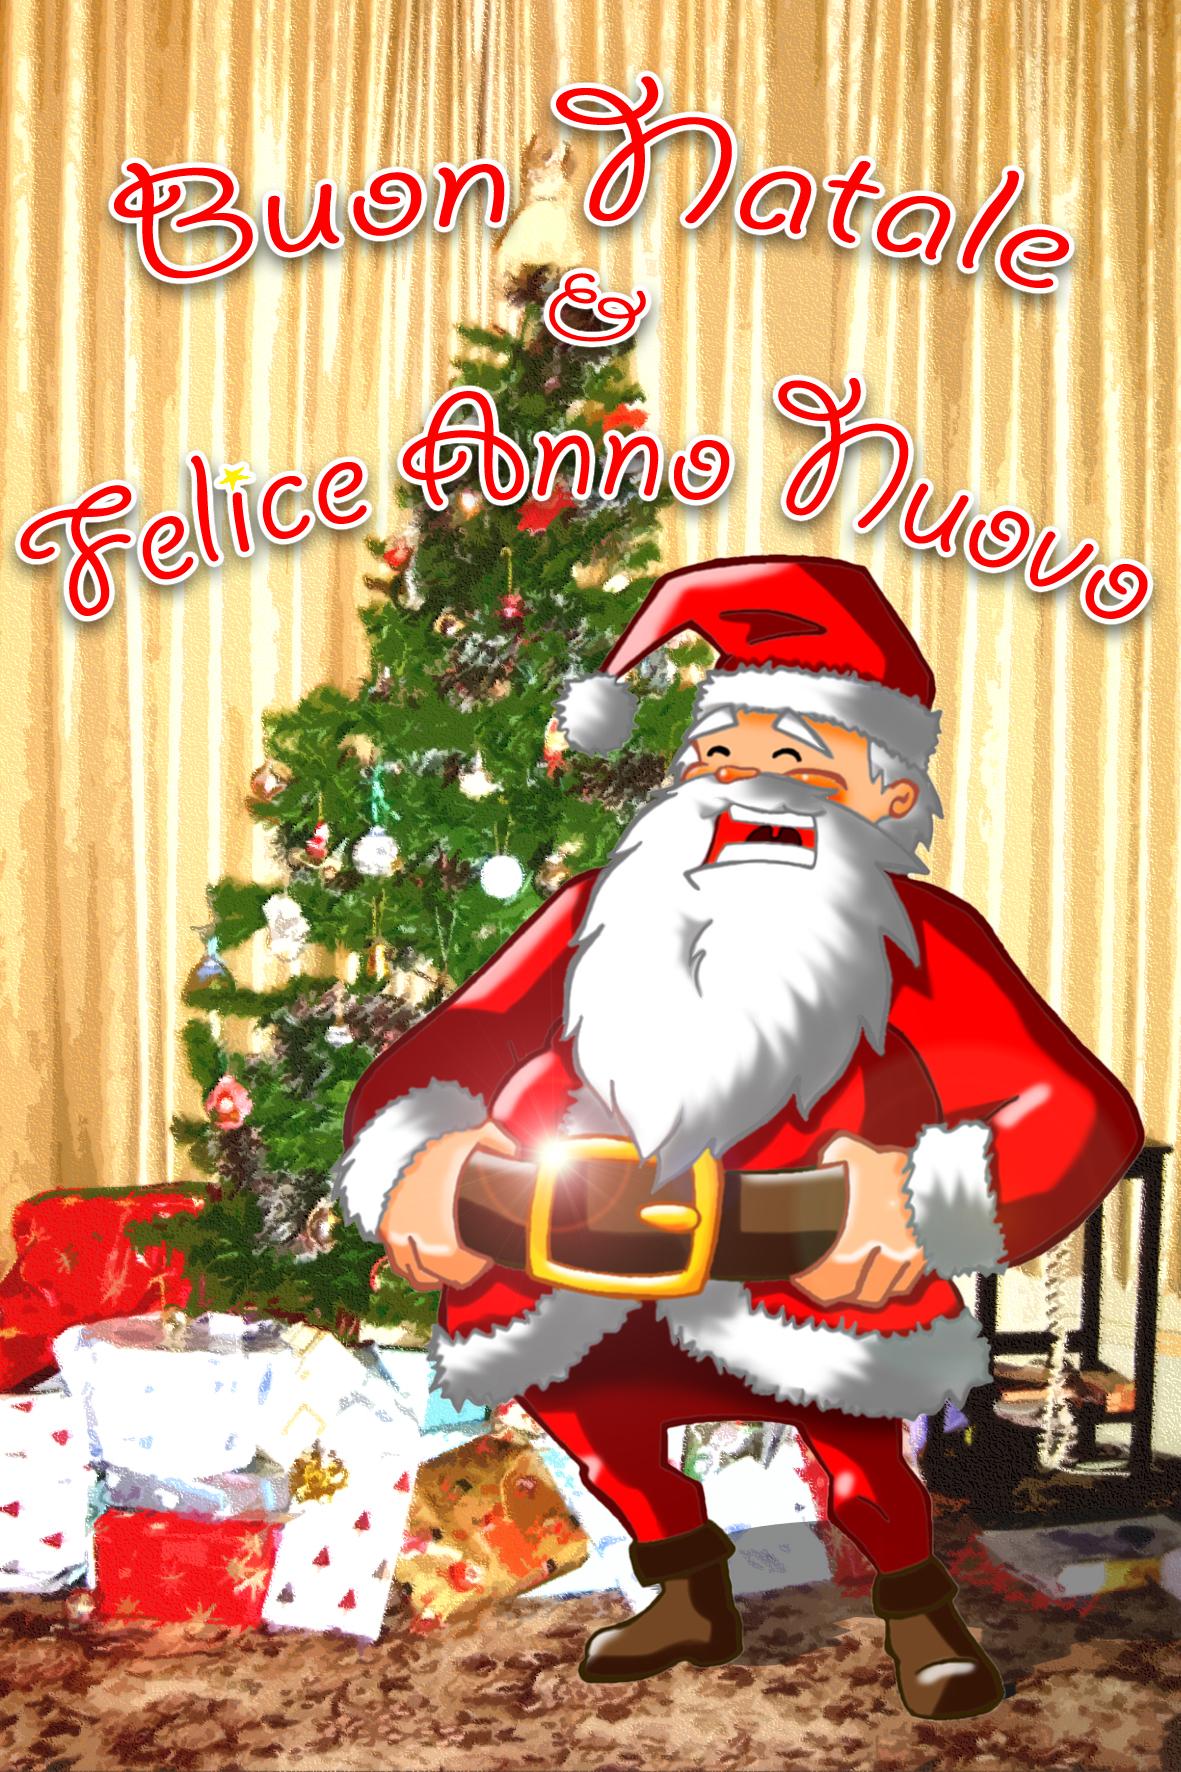 Link Di Buon Natale.Link Di Buon Natale